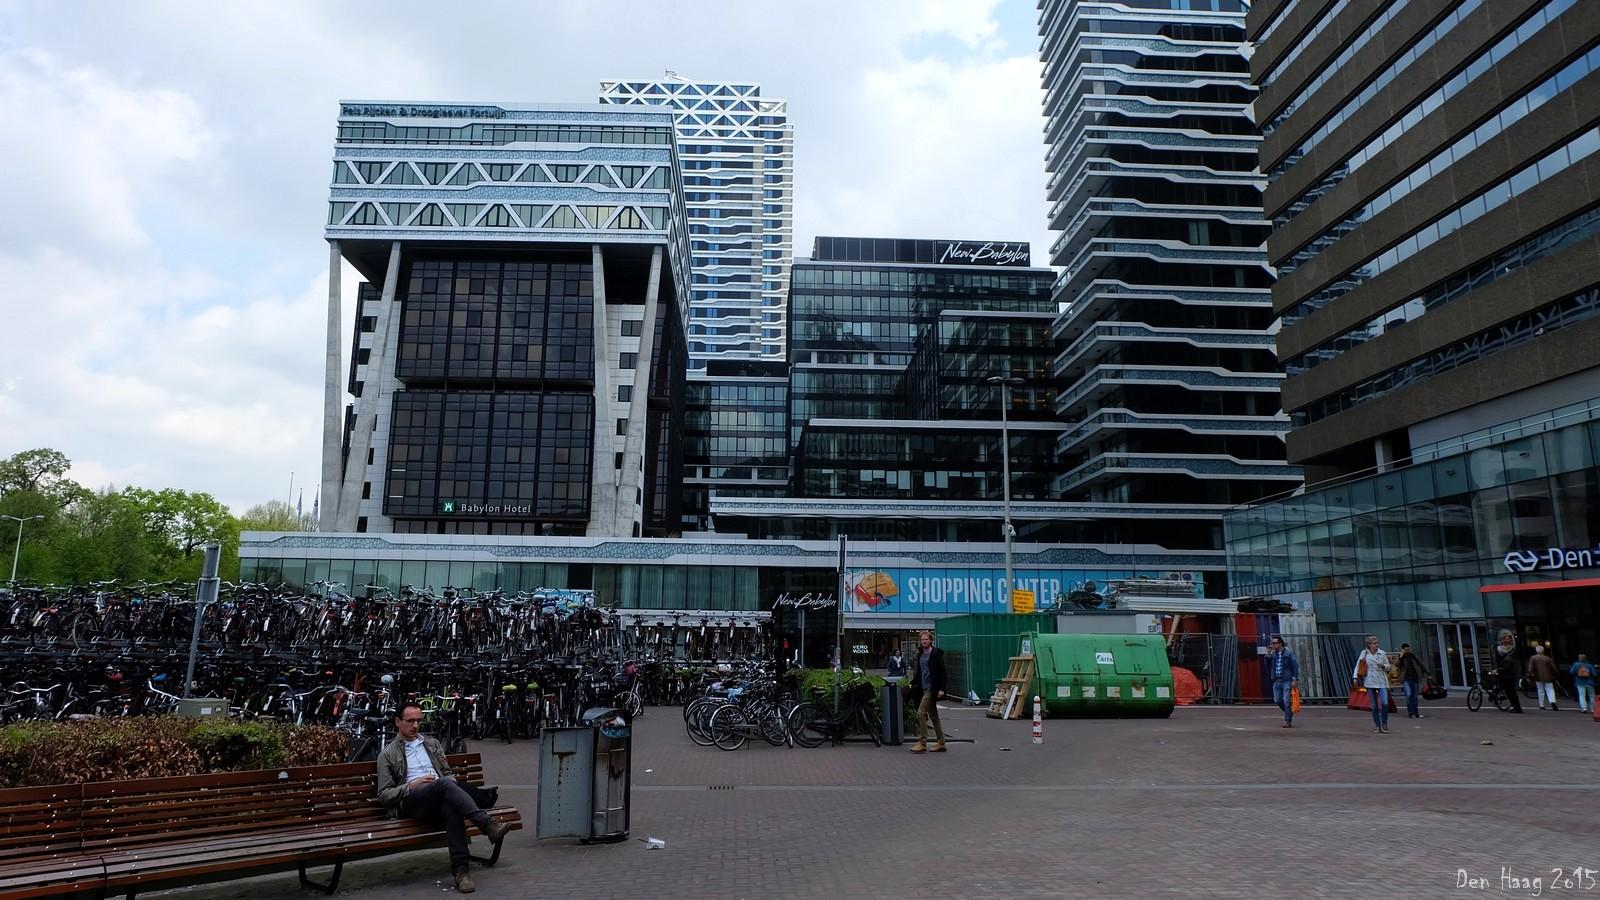 Station Den Haag Central, Nederland